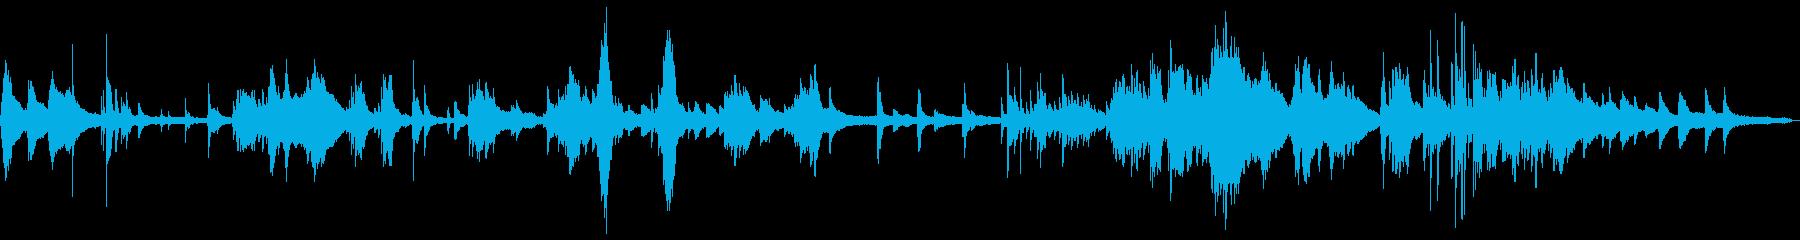 和風のしっとりした雰囲気2-ピアノソロの再生済みの波形